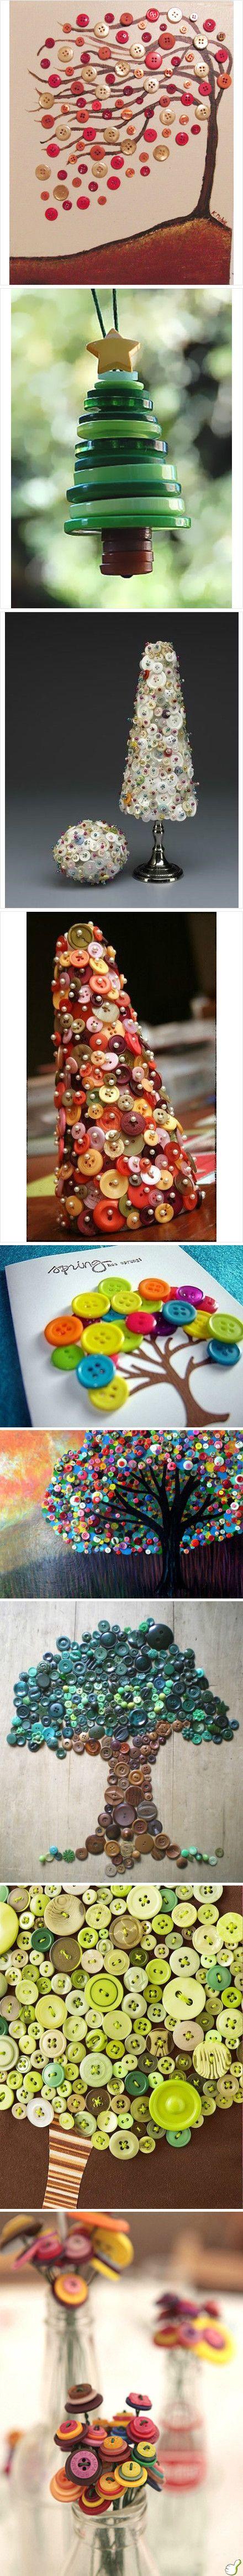 button art inspiration